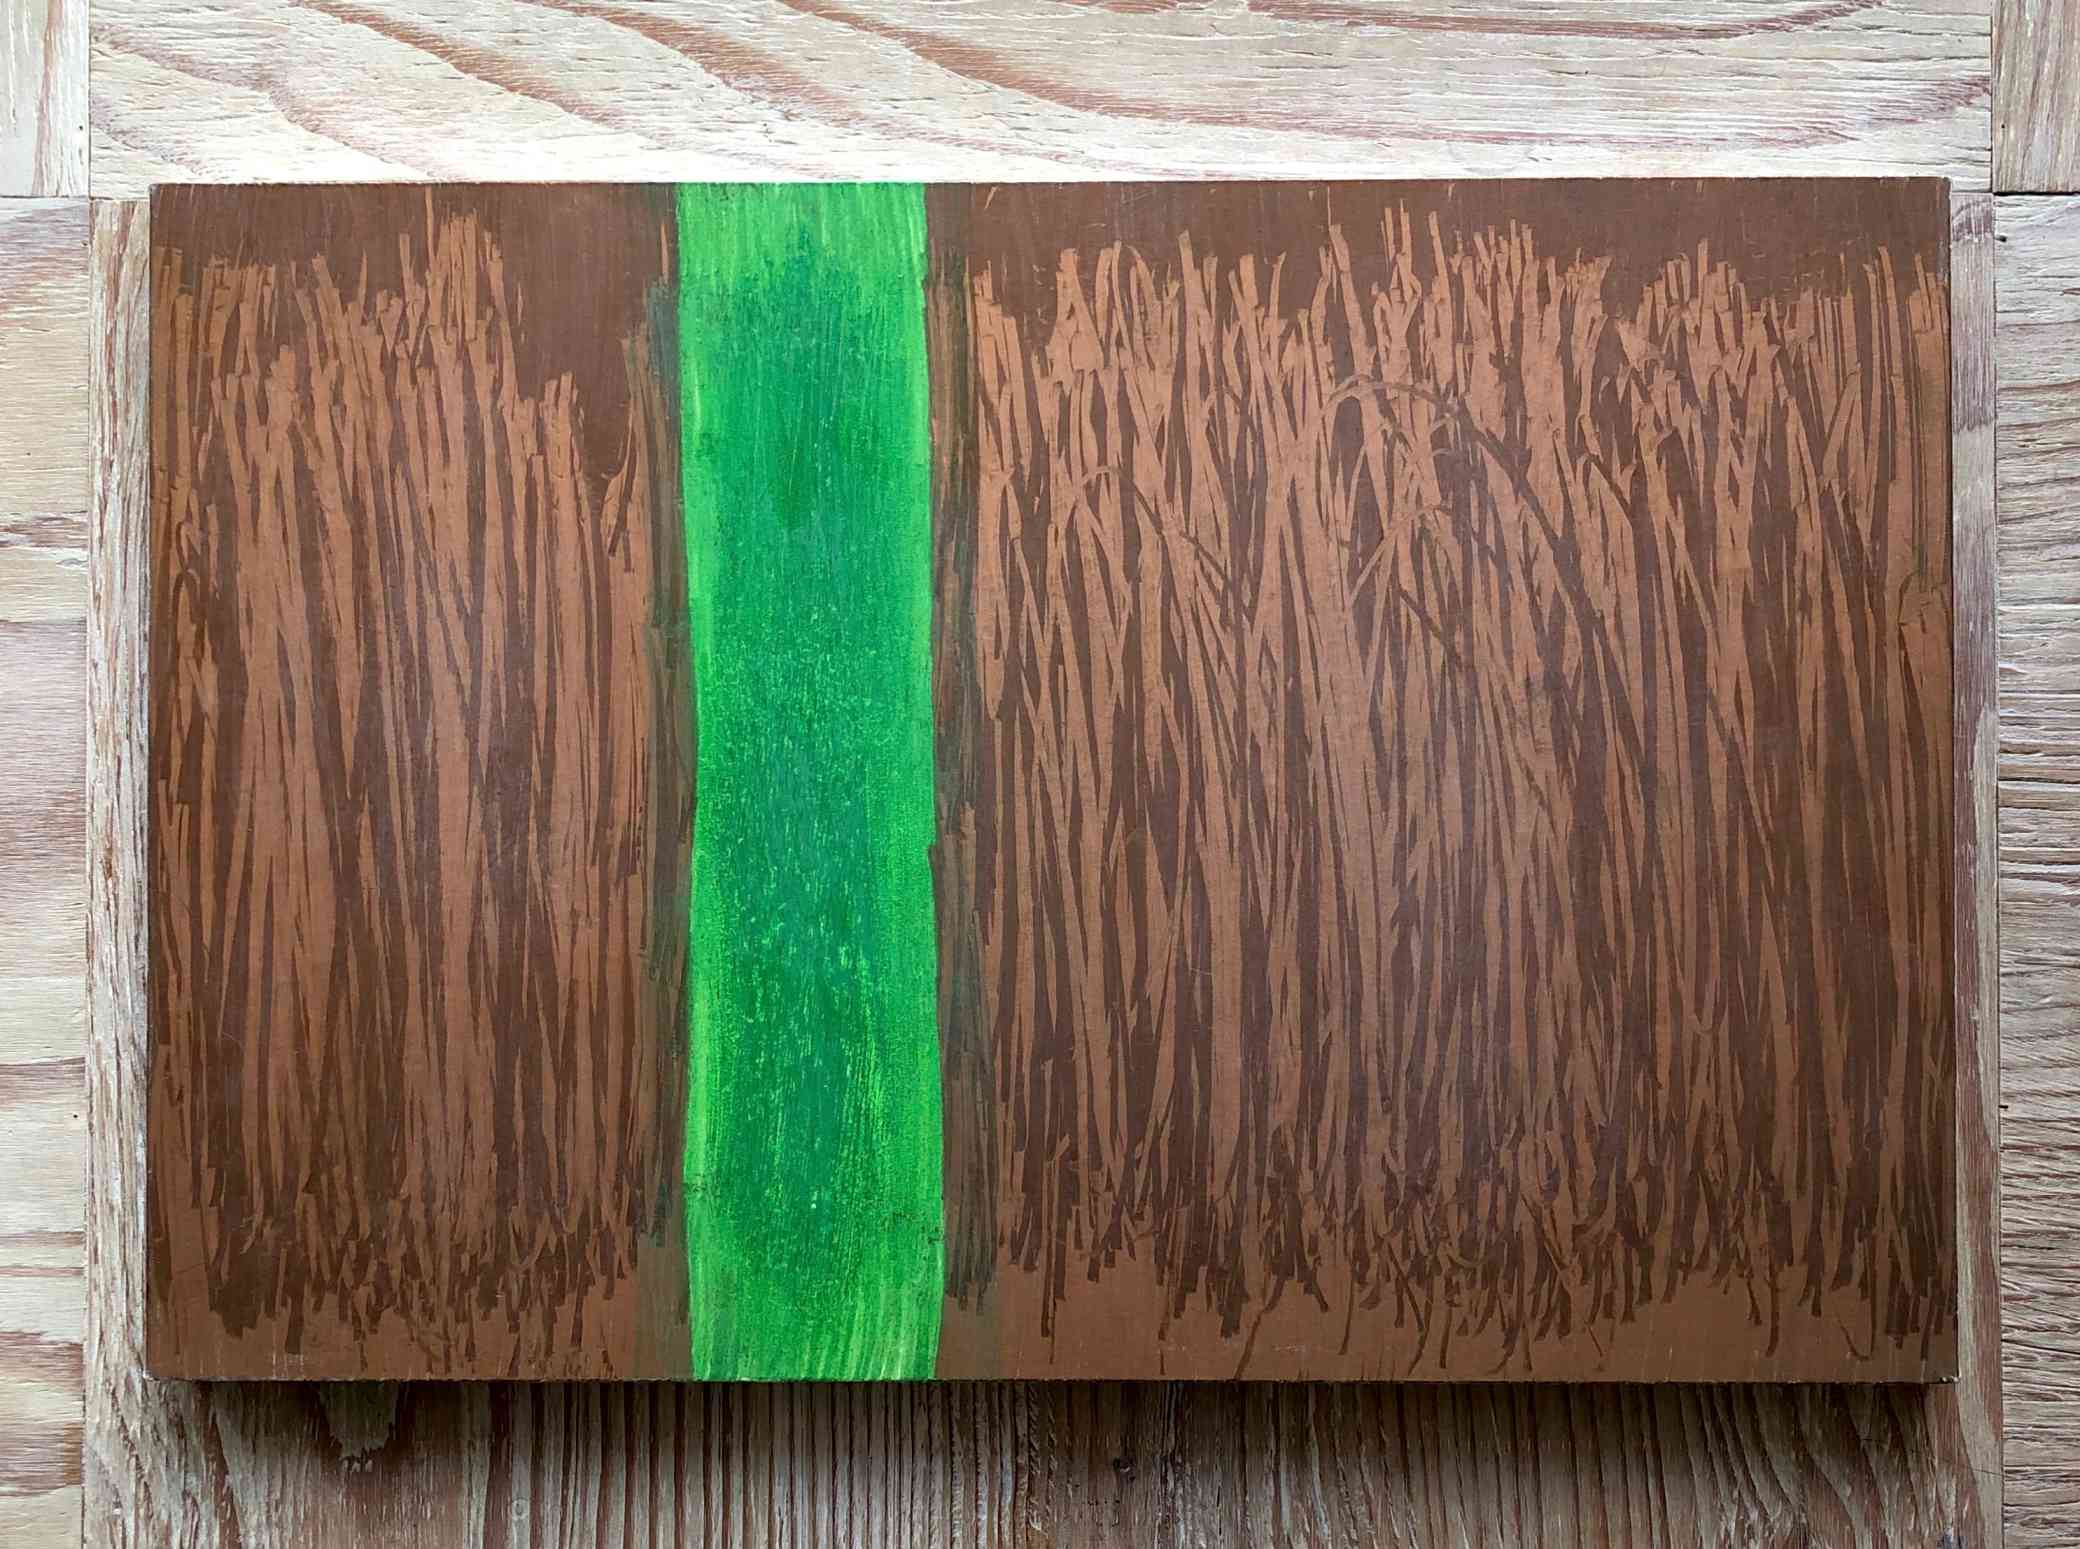 Kappa/Moss green